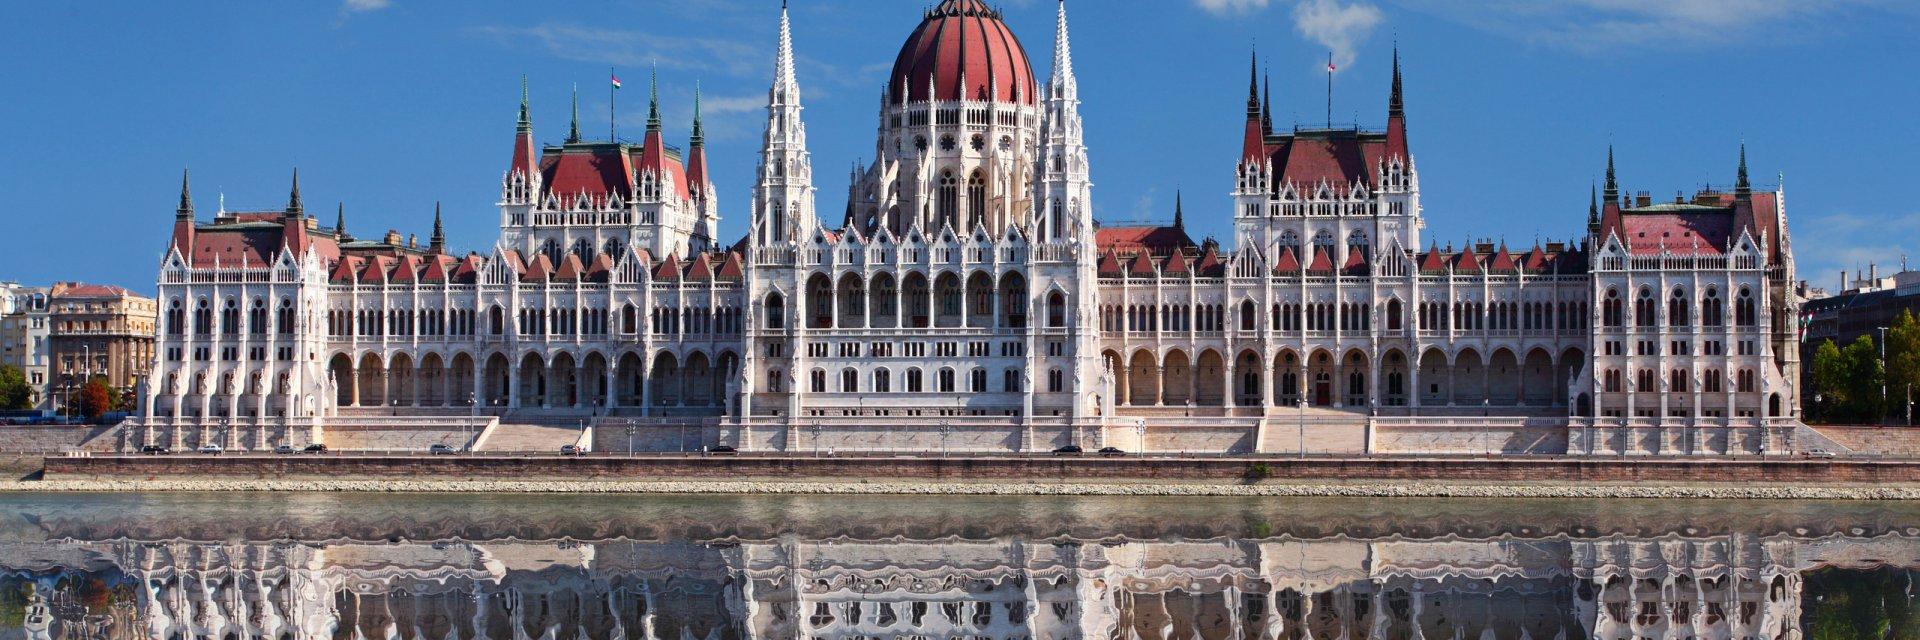 Туры в Венгрию 2020, путевки из Москвы - цены на отдых в Венгрии - ПАКС